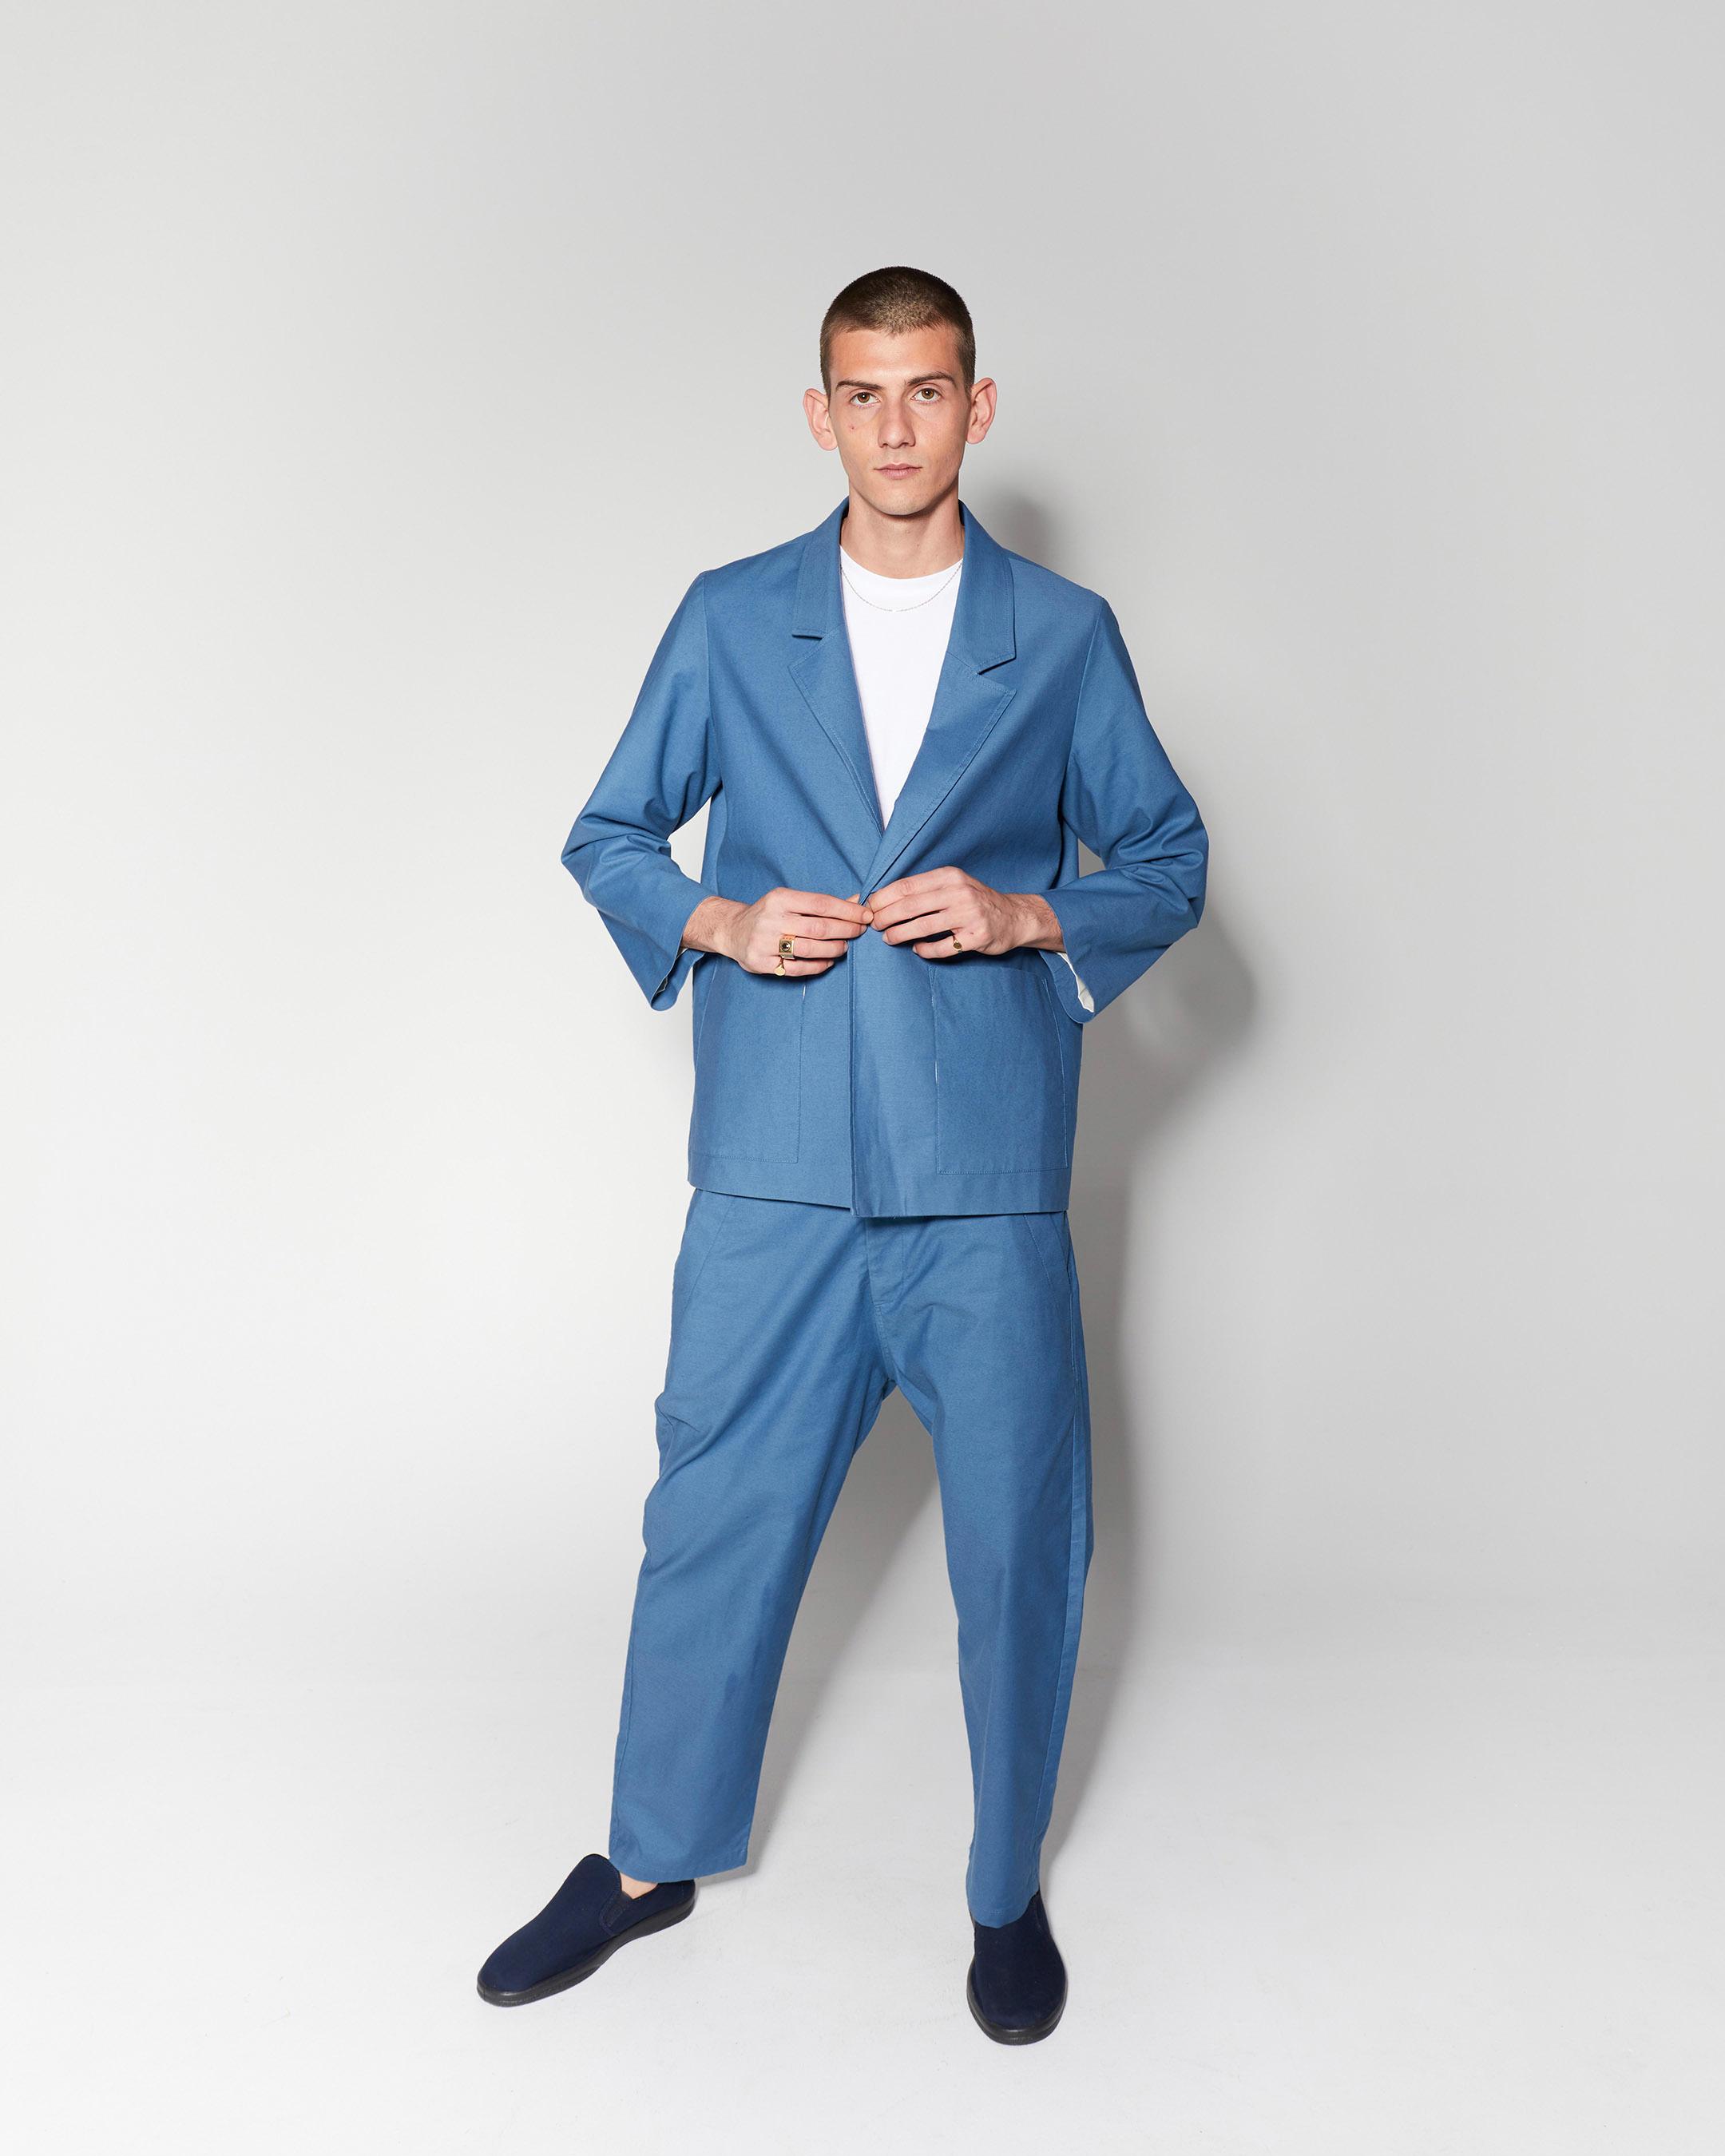 outerwear 3  suit vest blue 210415 ecom 1920